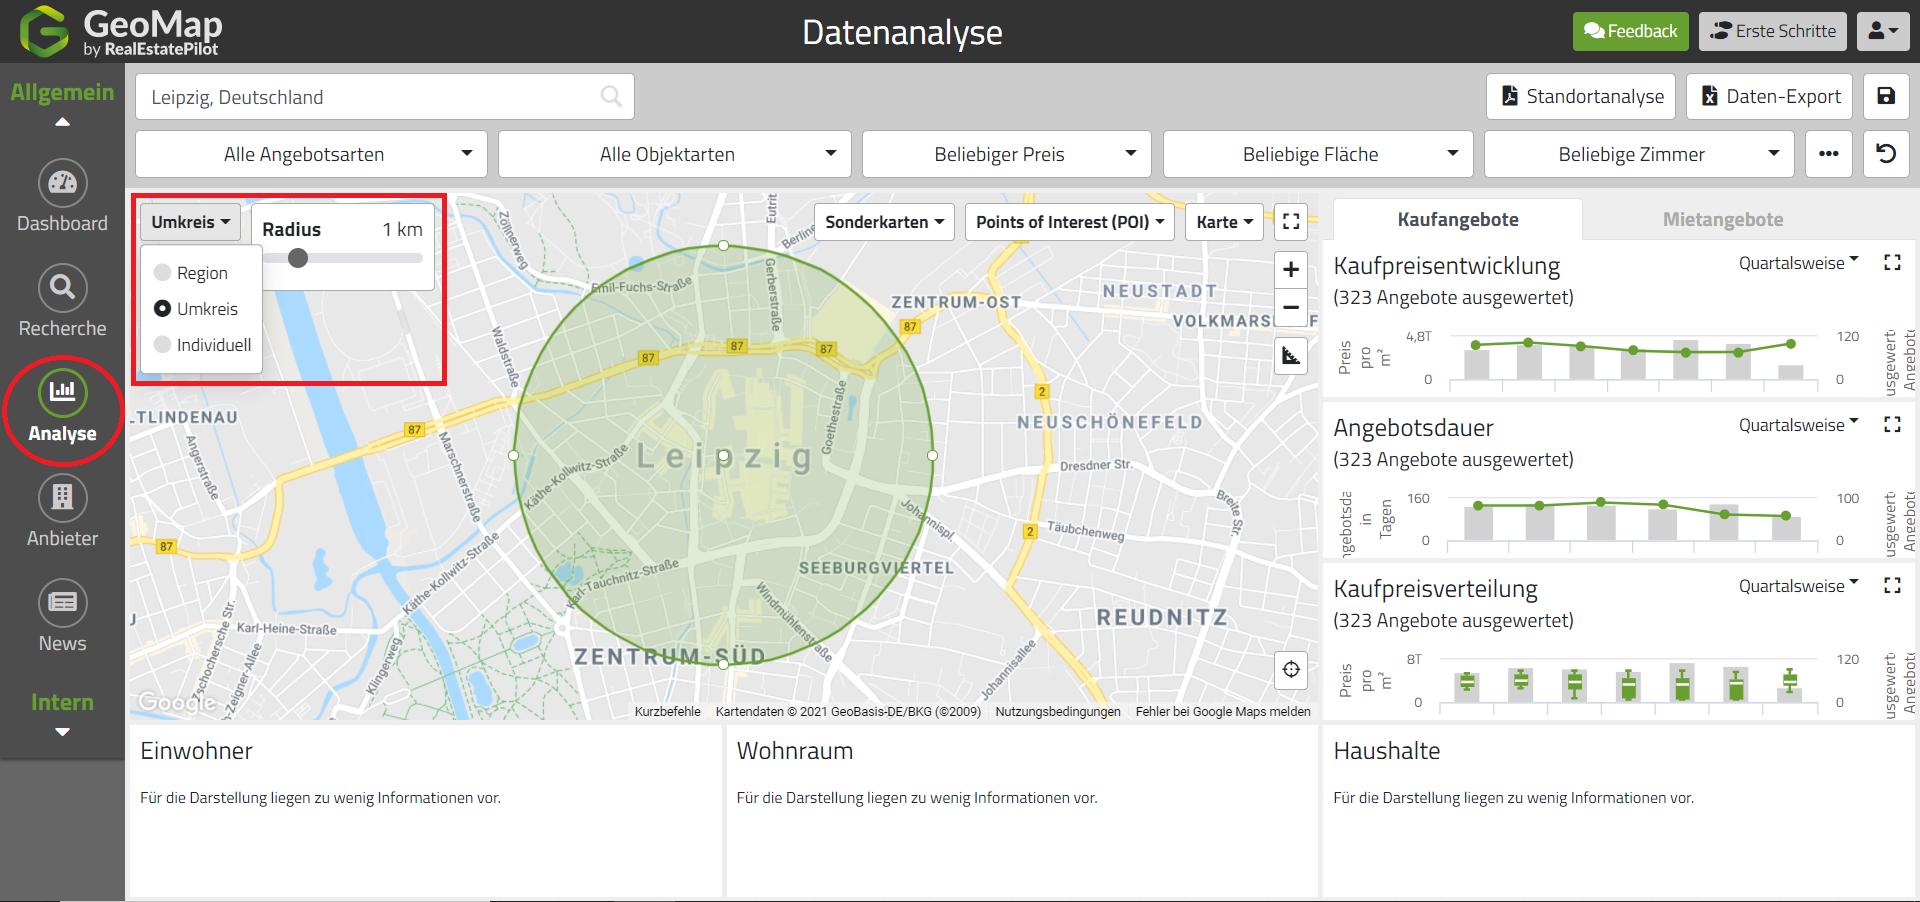 GeoMap-Wien-Gewerbe